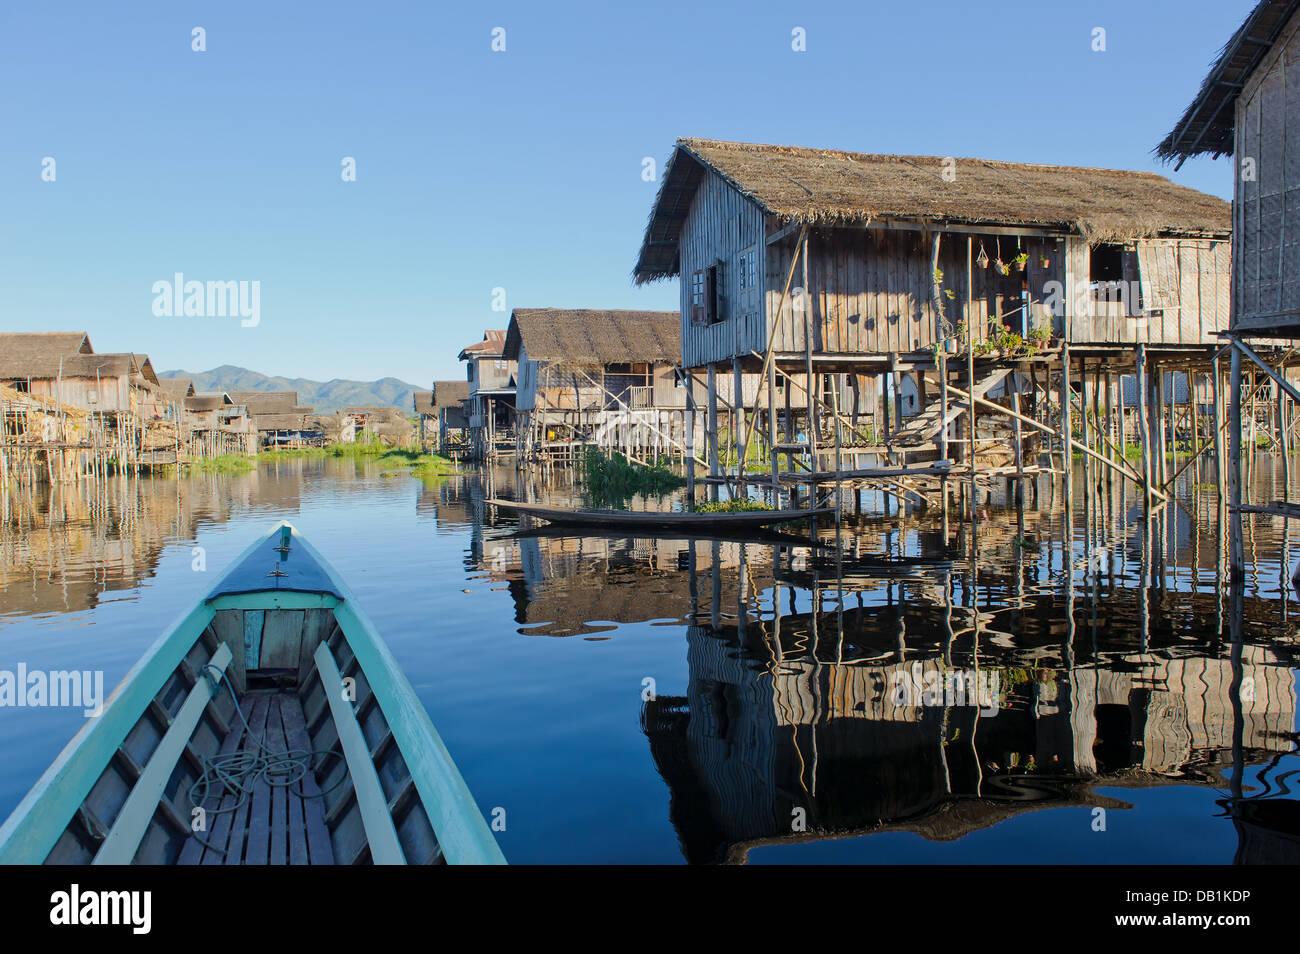 Floating village at Inle Lake, Myanmar - Stock Image